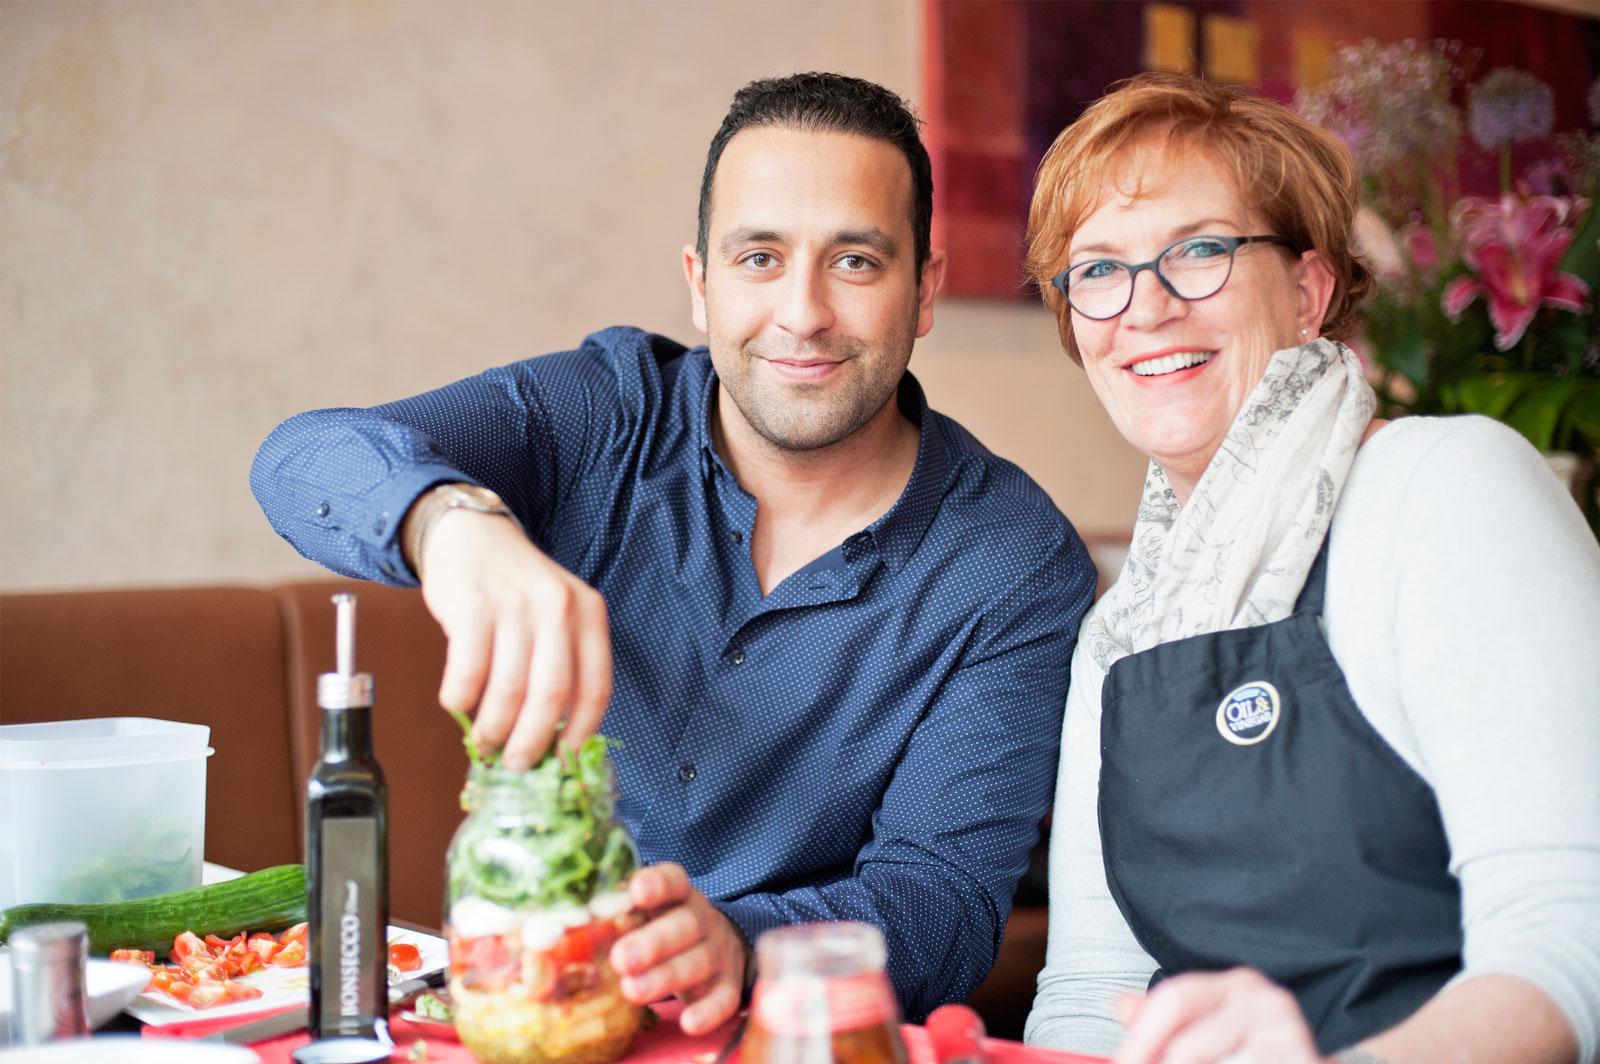 KR-ONE kocht - Mit Oil & Vinegar und La Romantica - Vitamine für eine gesunde Innenstadt